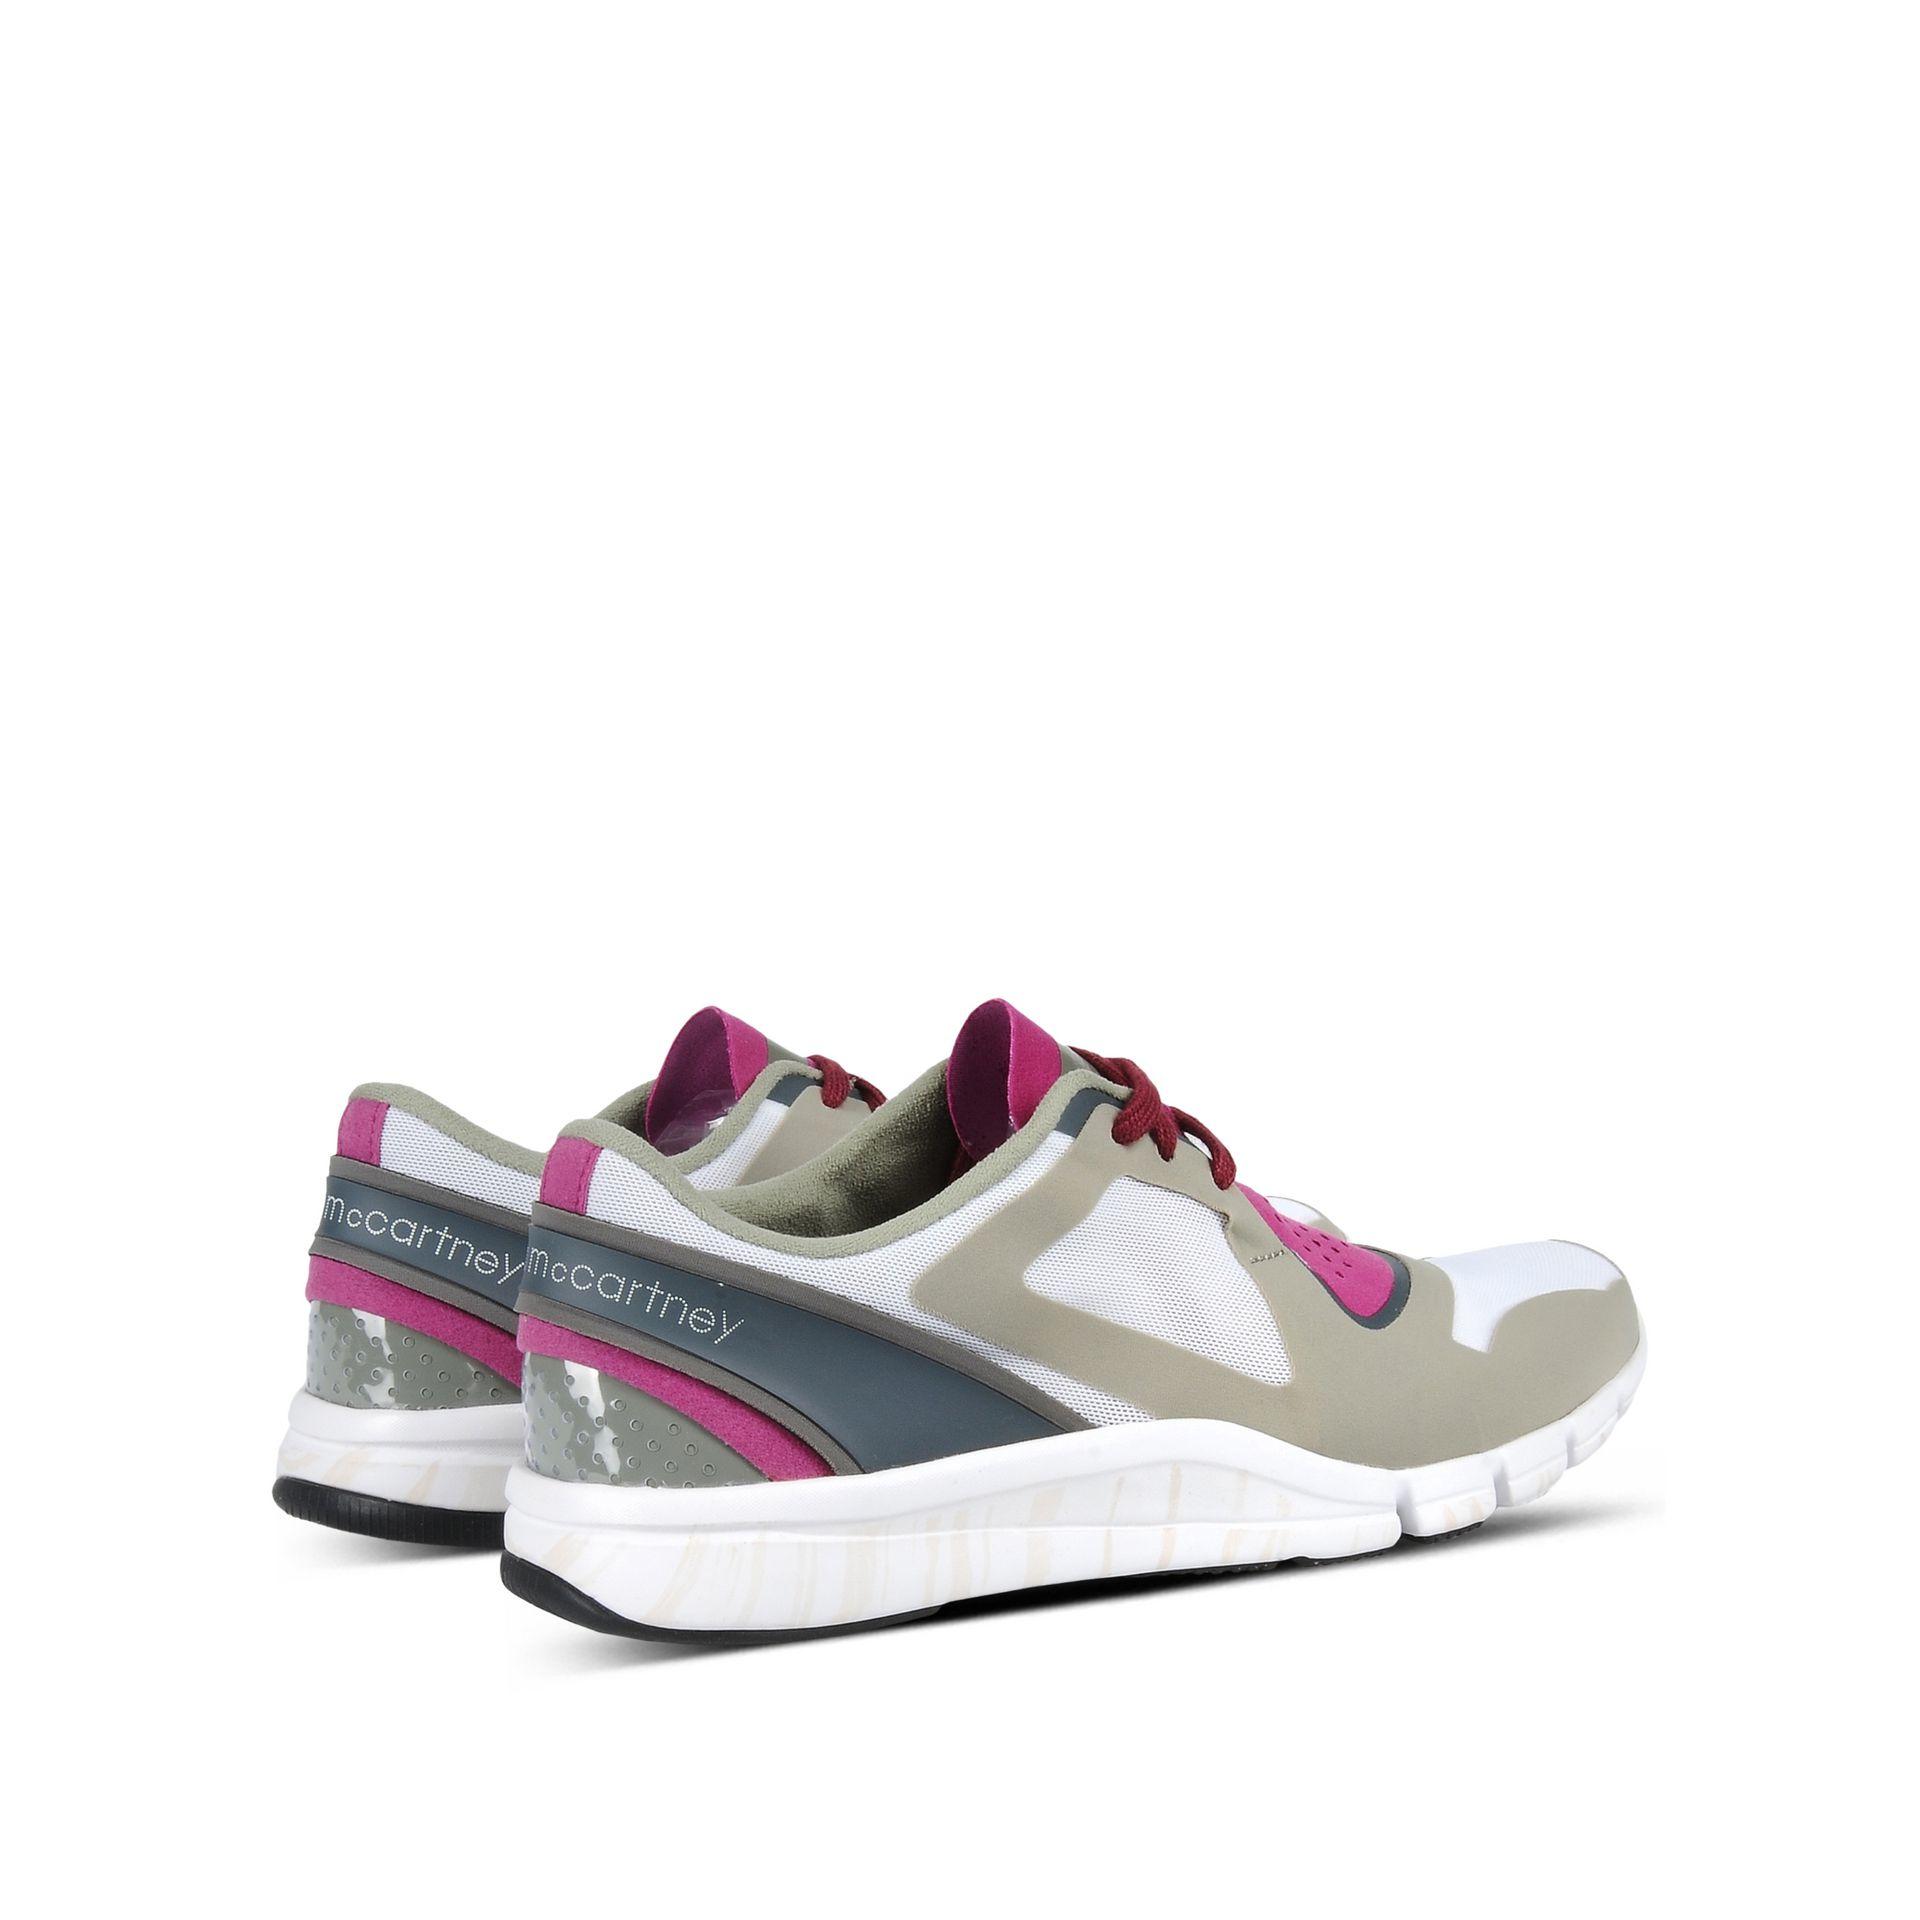 Adidas by Stella McCartney Lyst alayta corriendo zapatos en blanco